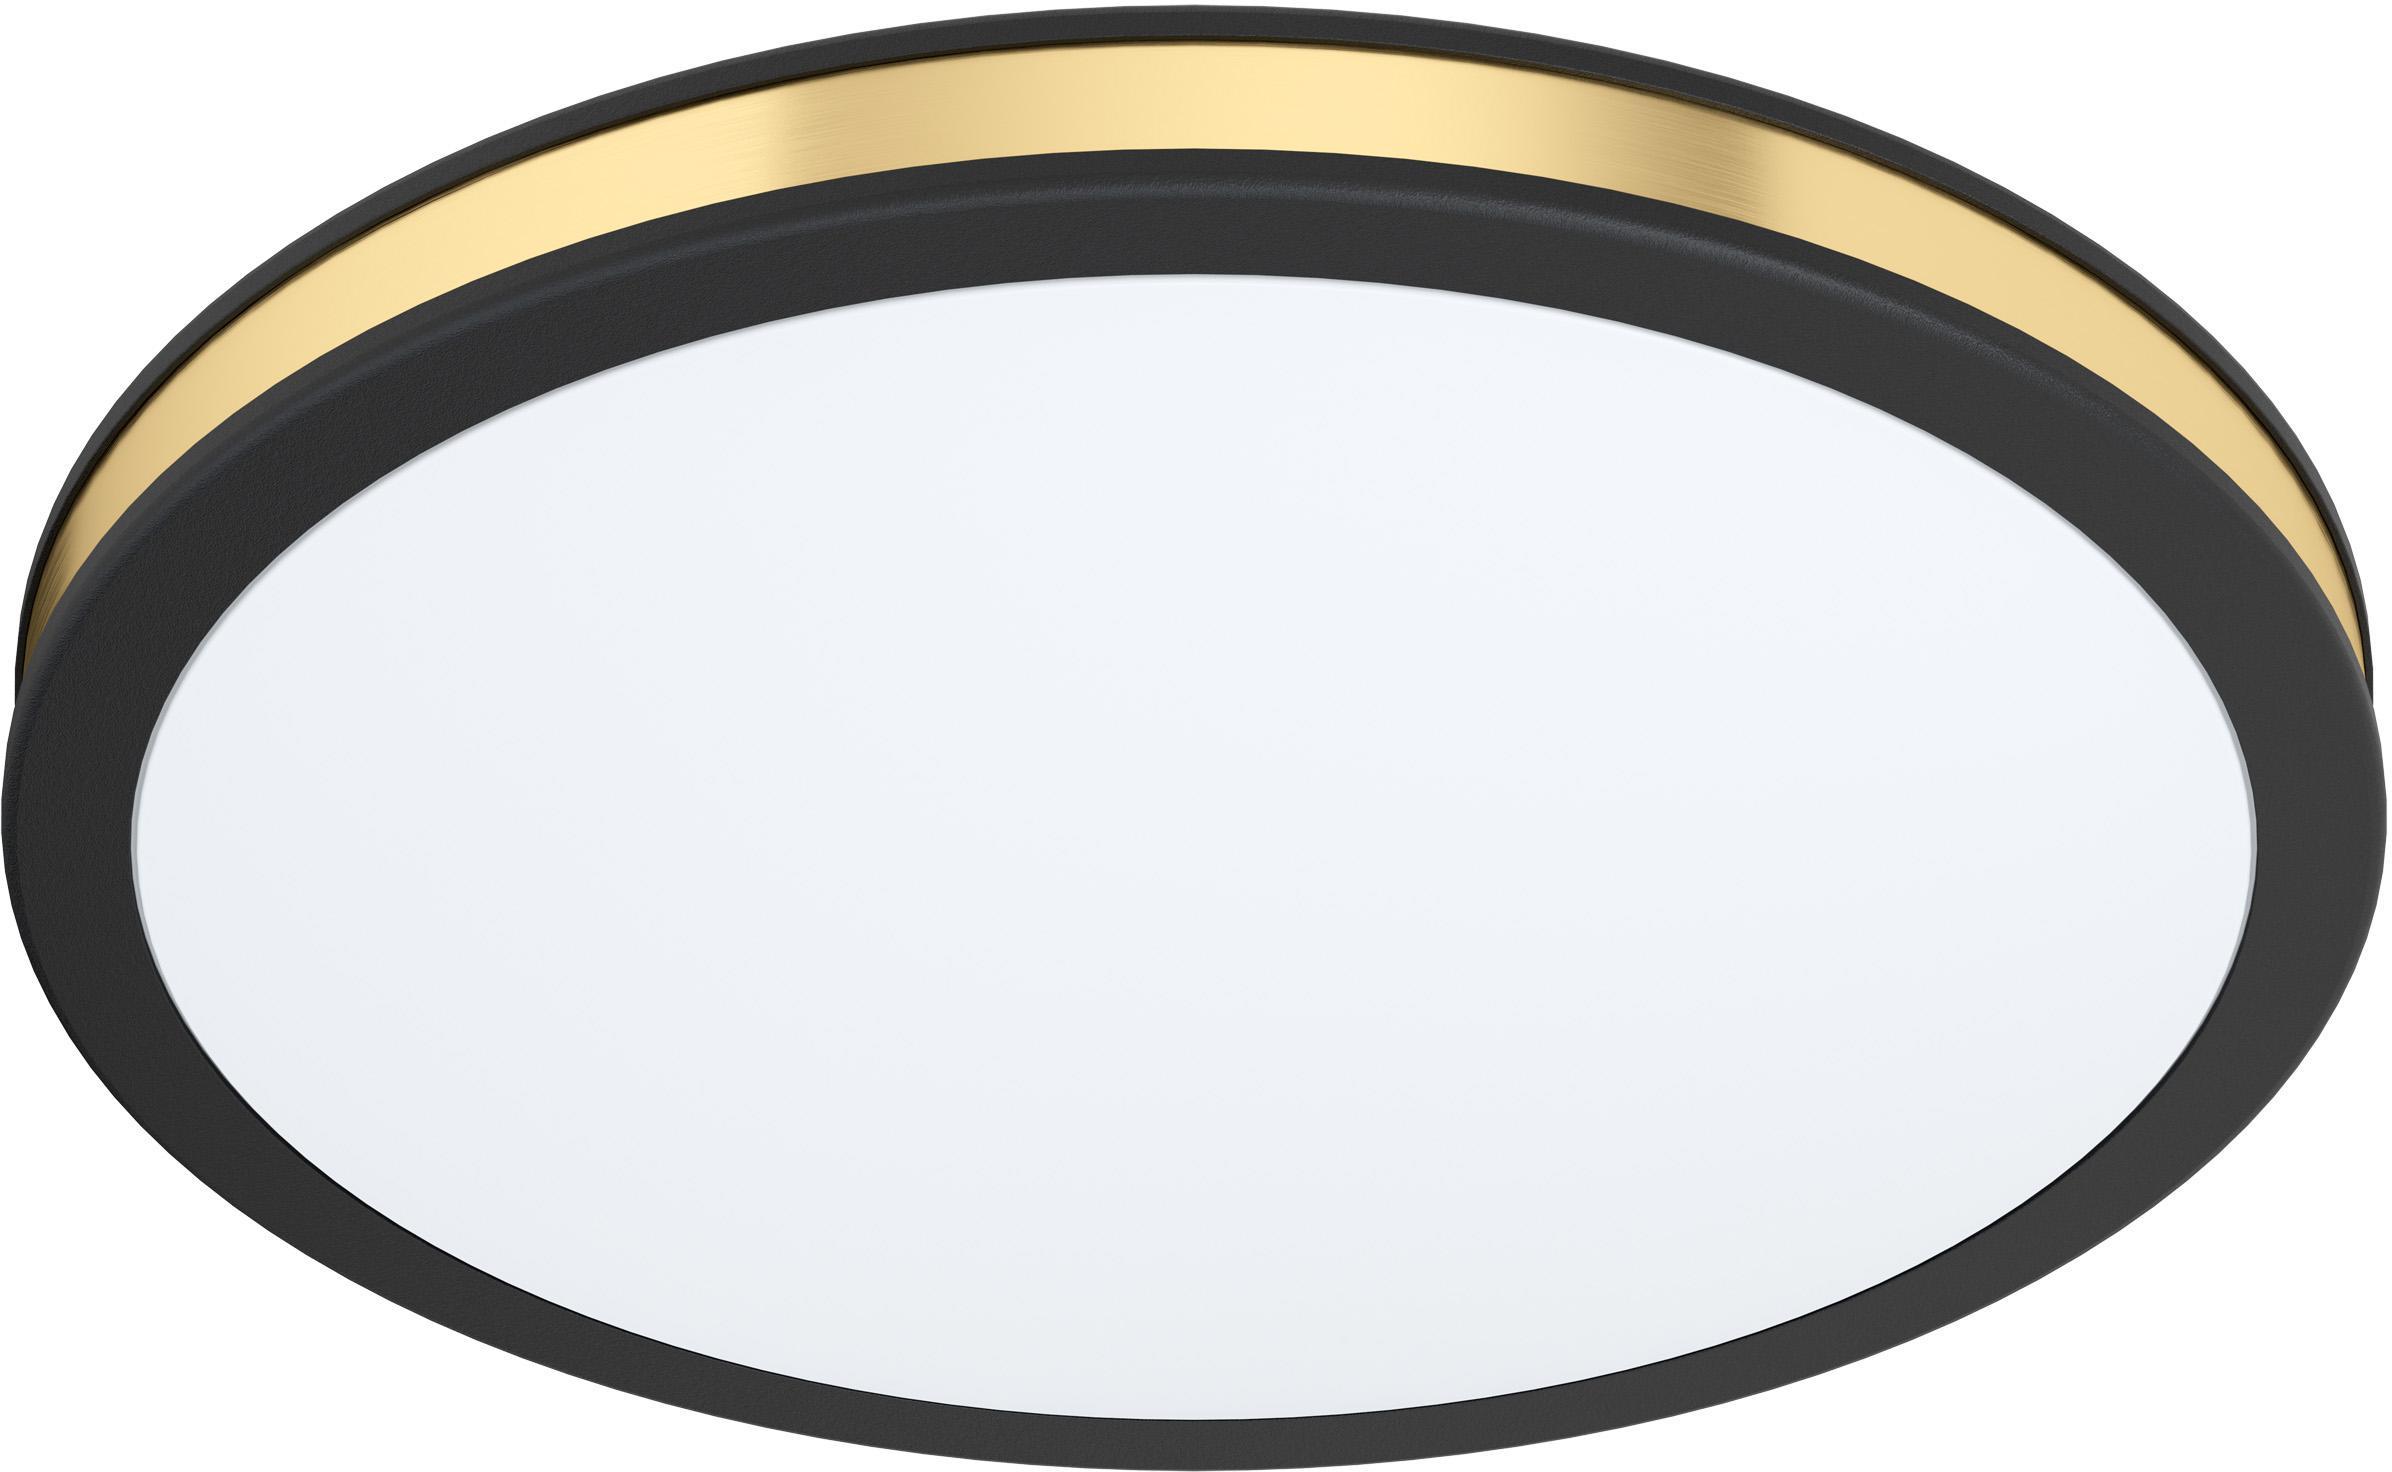 LED Deckenleuchte Pescaito, Lampenschirm: Kunststoff, Baldachin: Metall, lackiert, Schwarz, Goldfarben, Ø 28 x H 5 cm